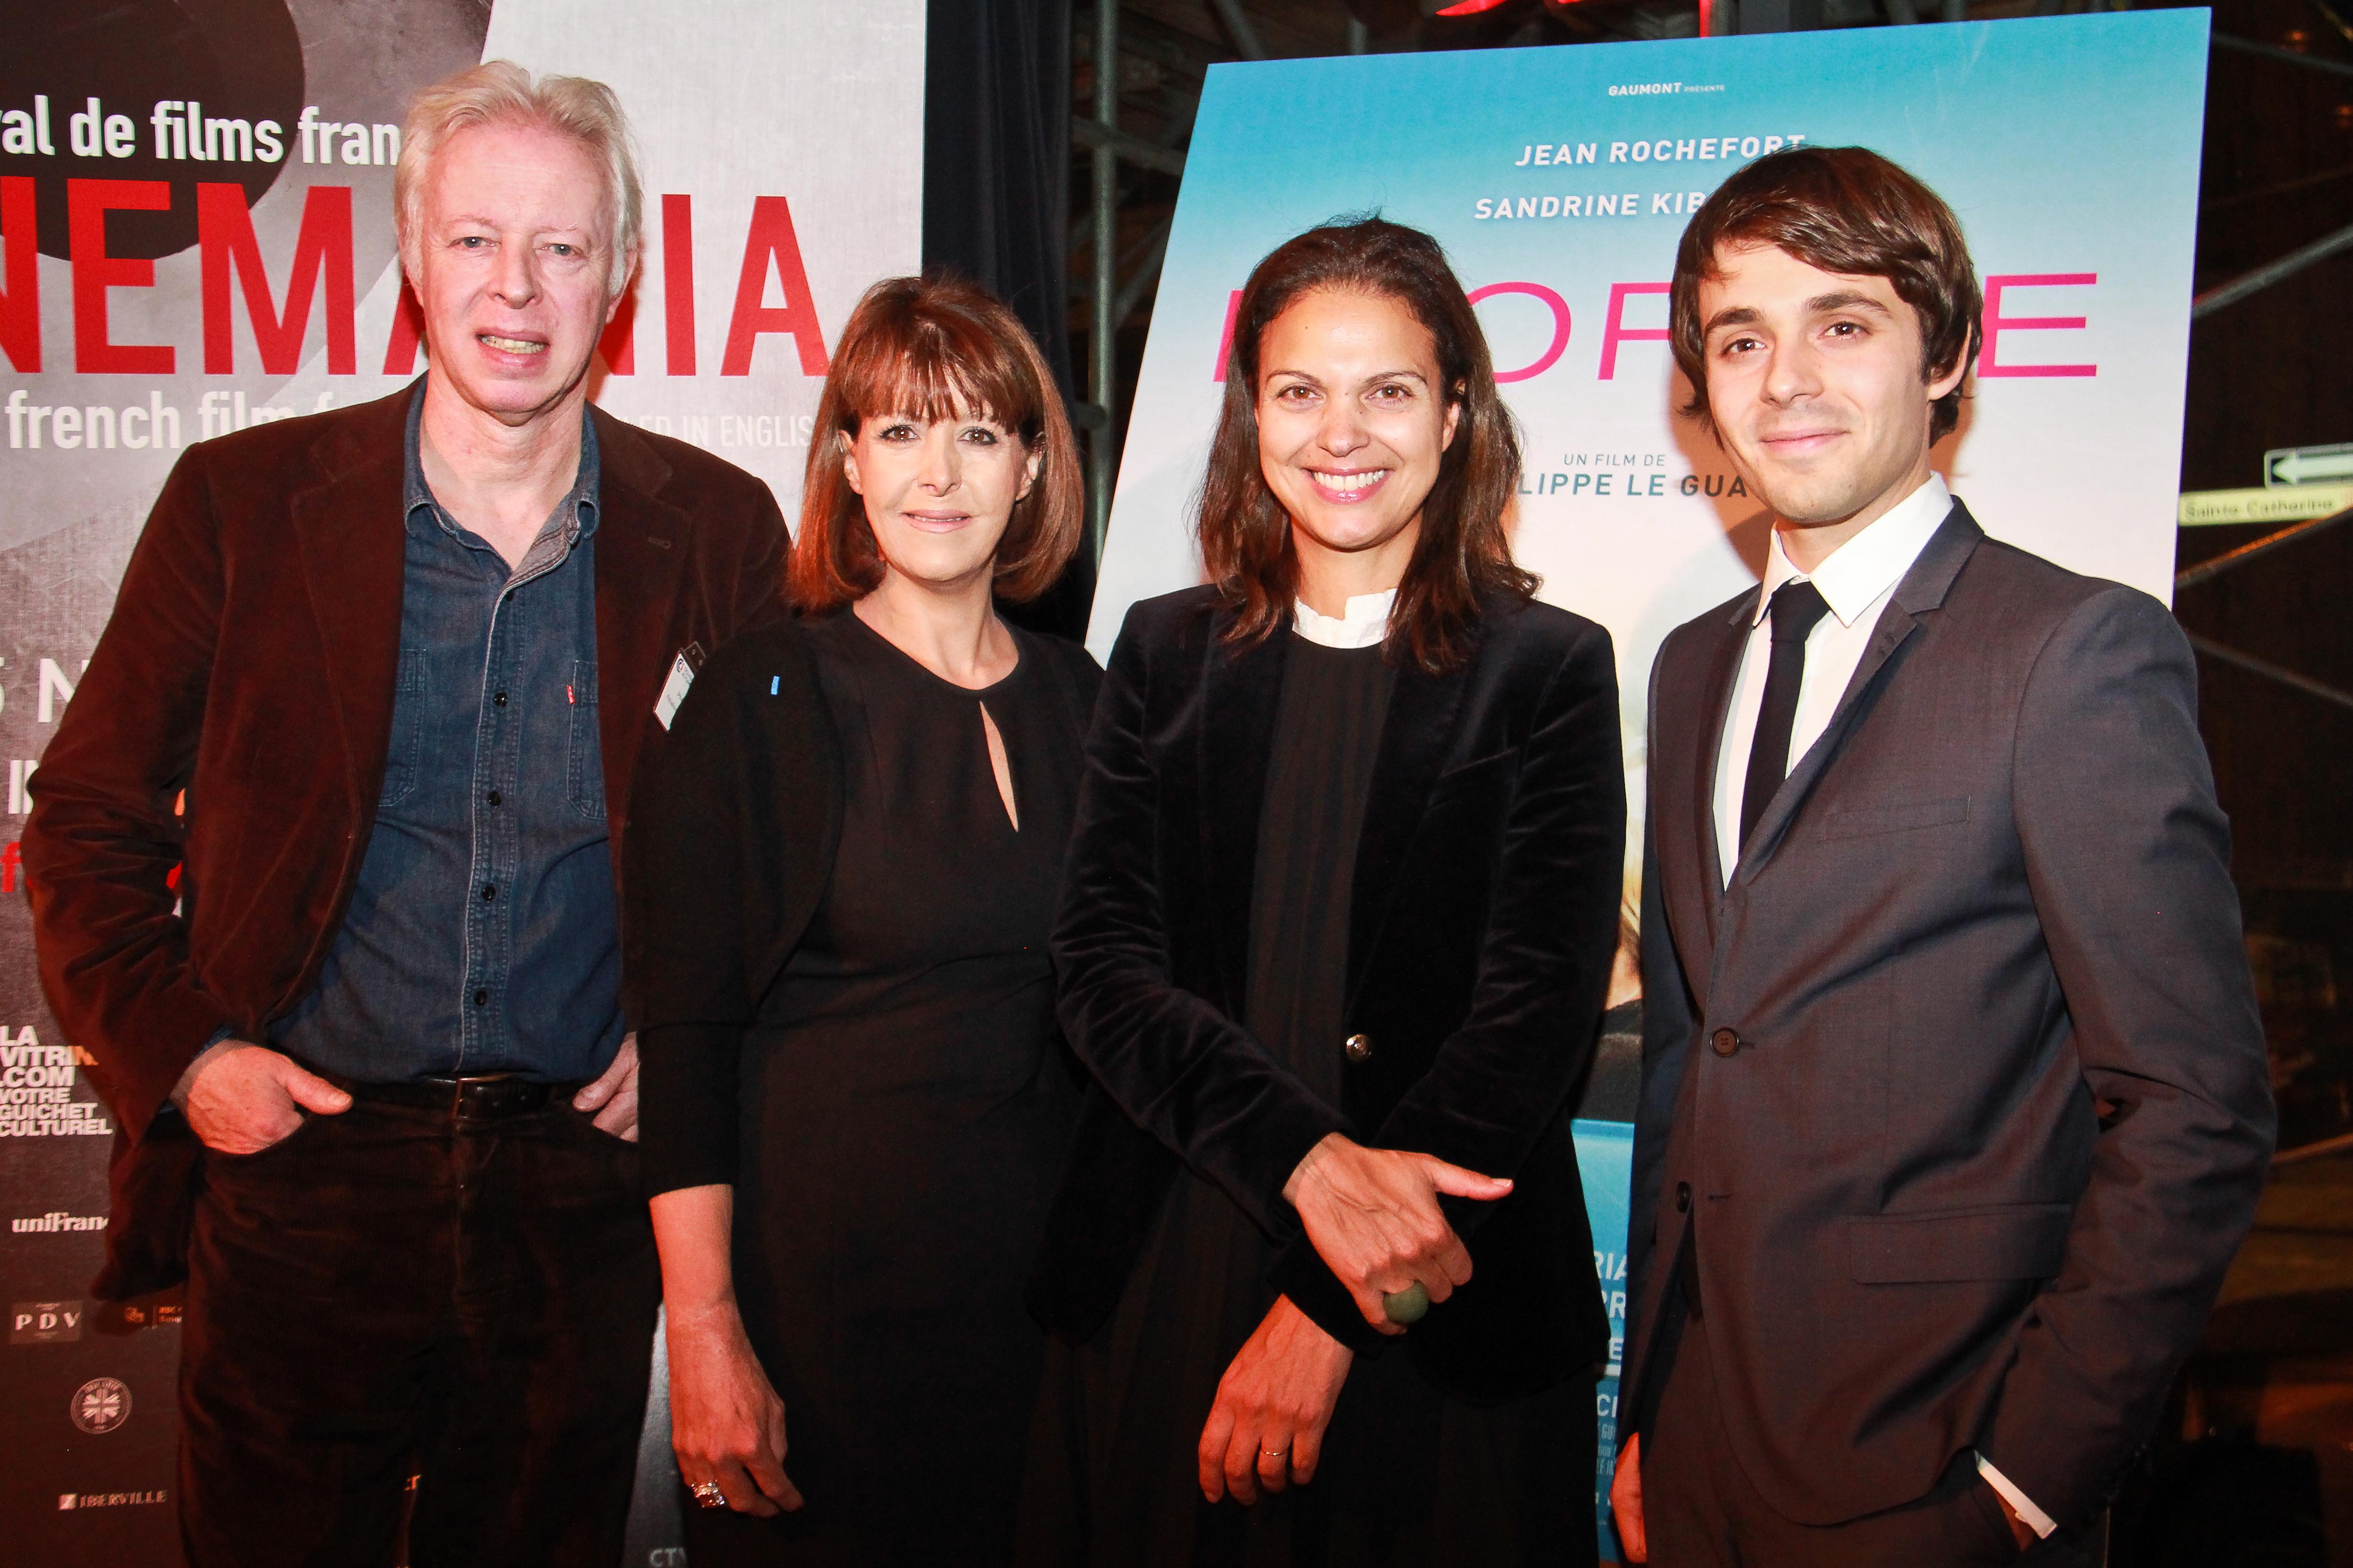 CCIFC et CinéMania : Affaires et septième art